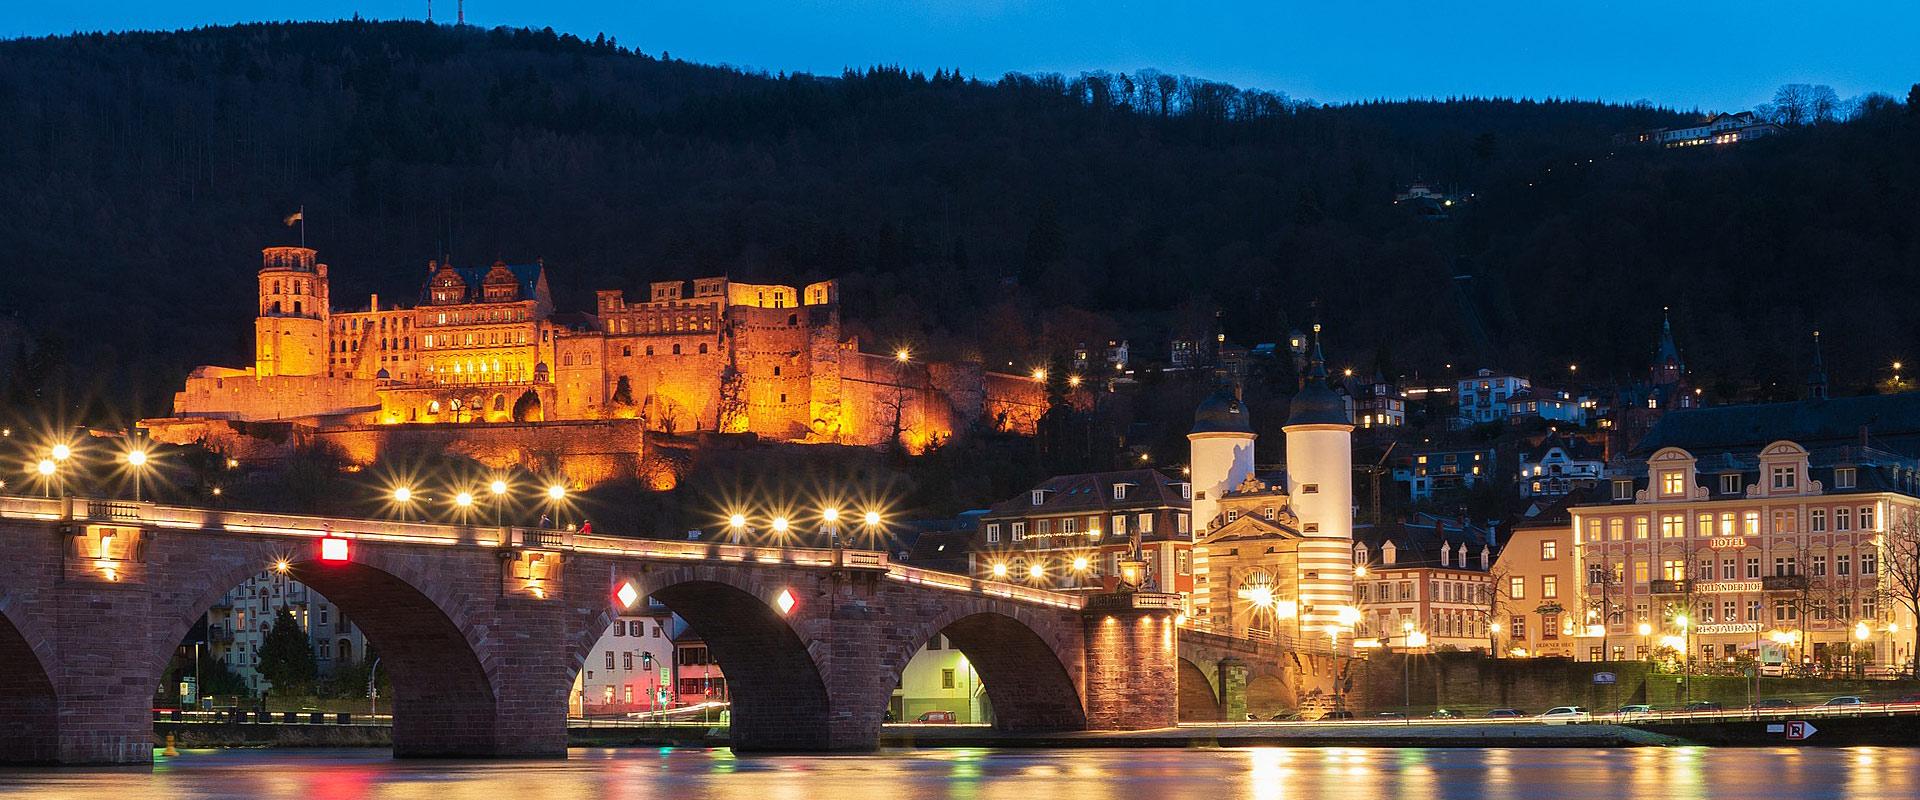 Odenwald - Heidelberg